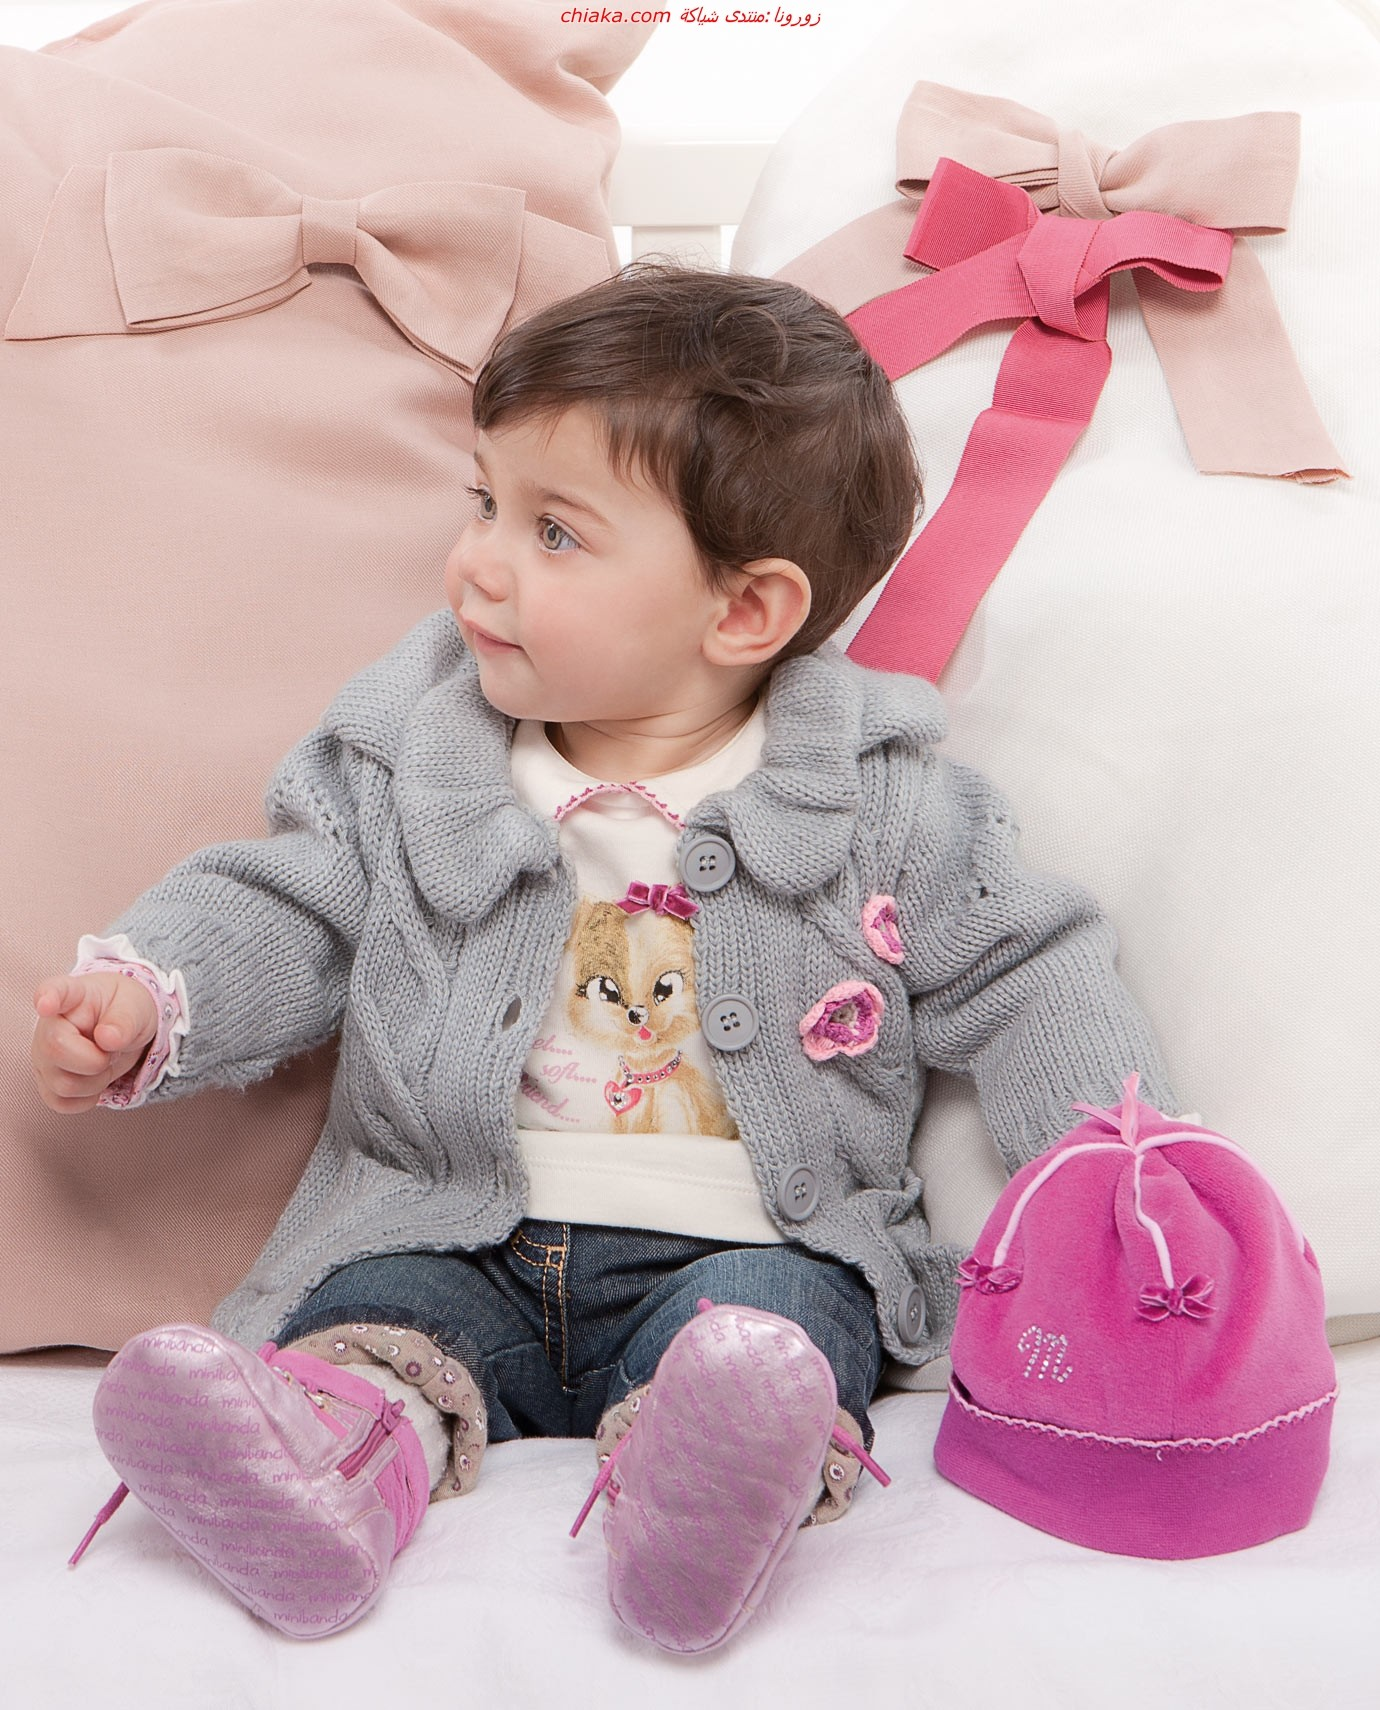 صور ملابس اطفال اجمل موديلات ملابس الاطفال كارز